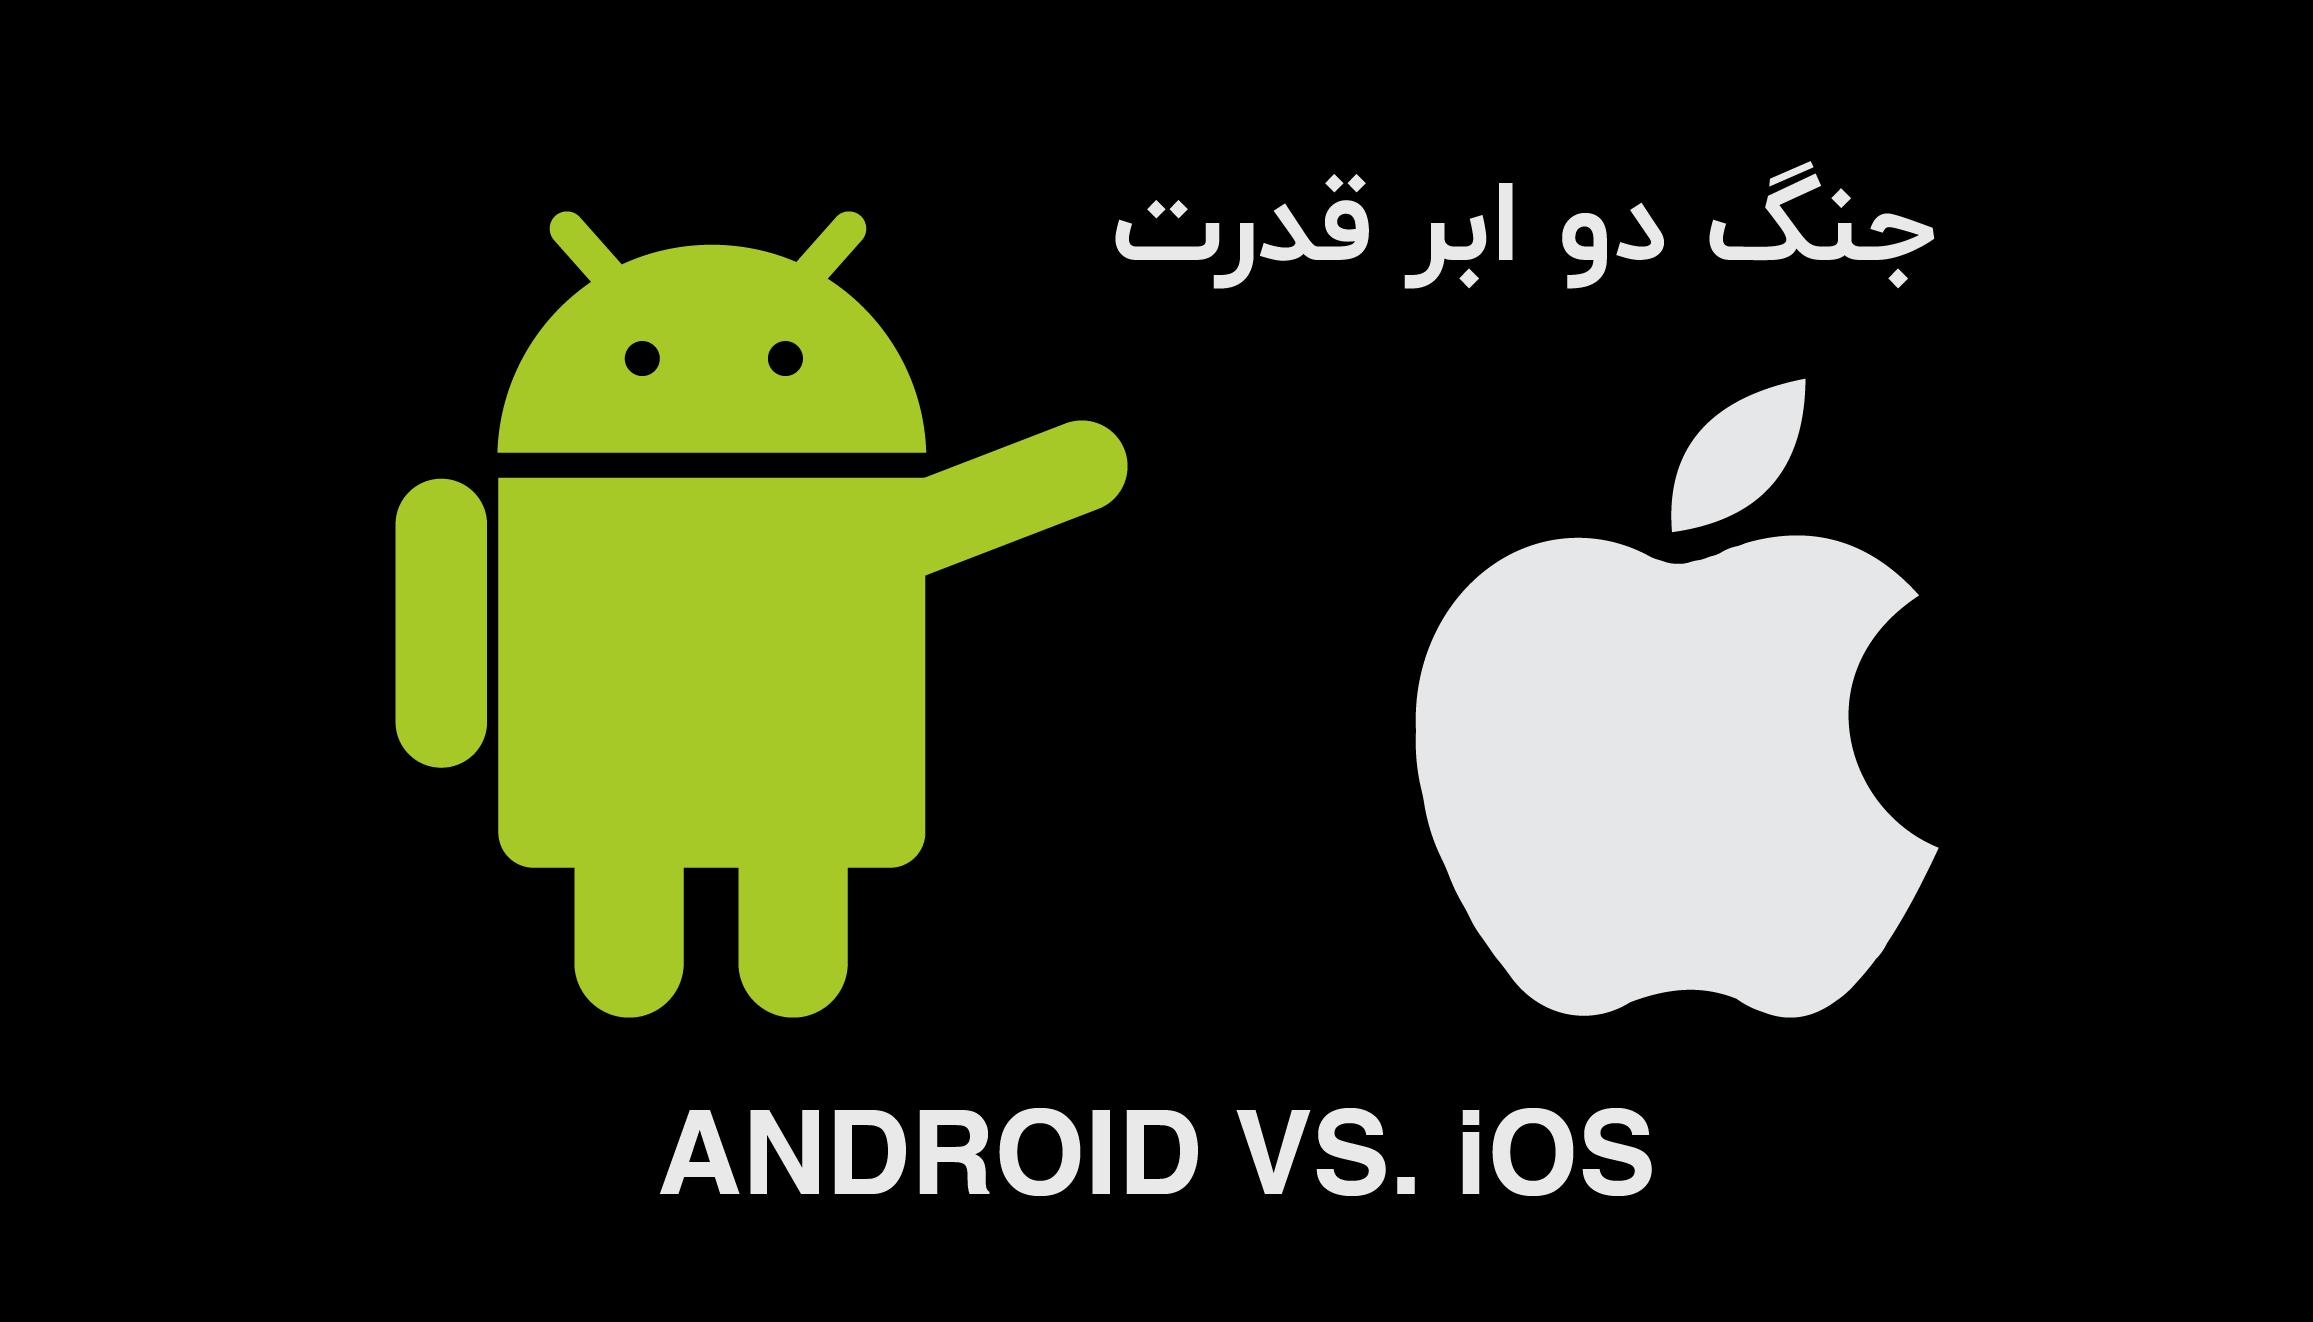 اندروید یا iOS